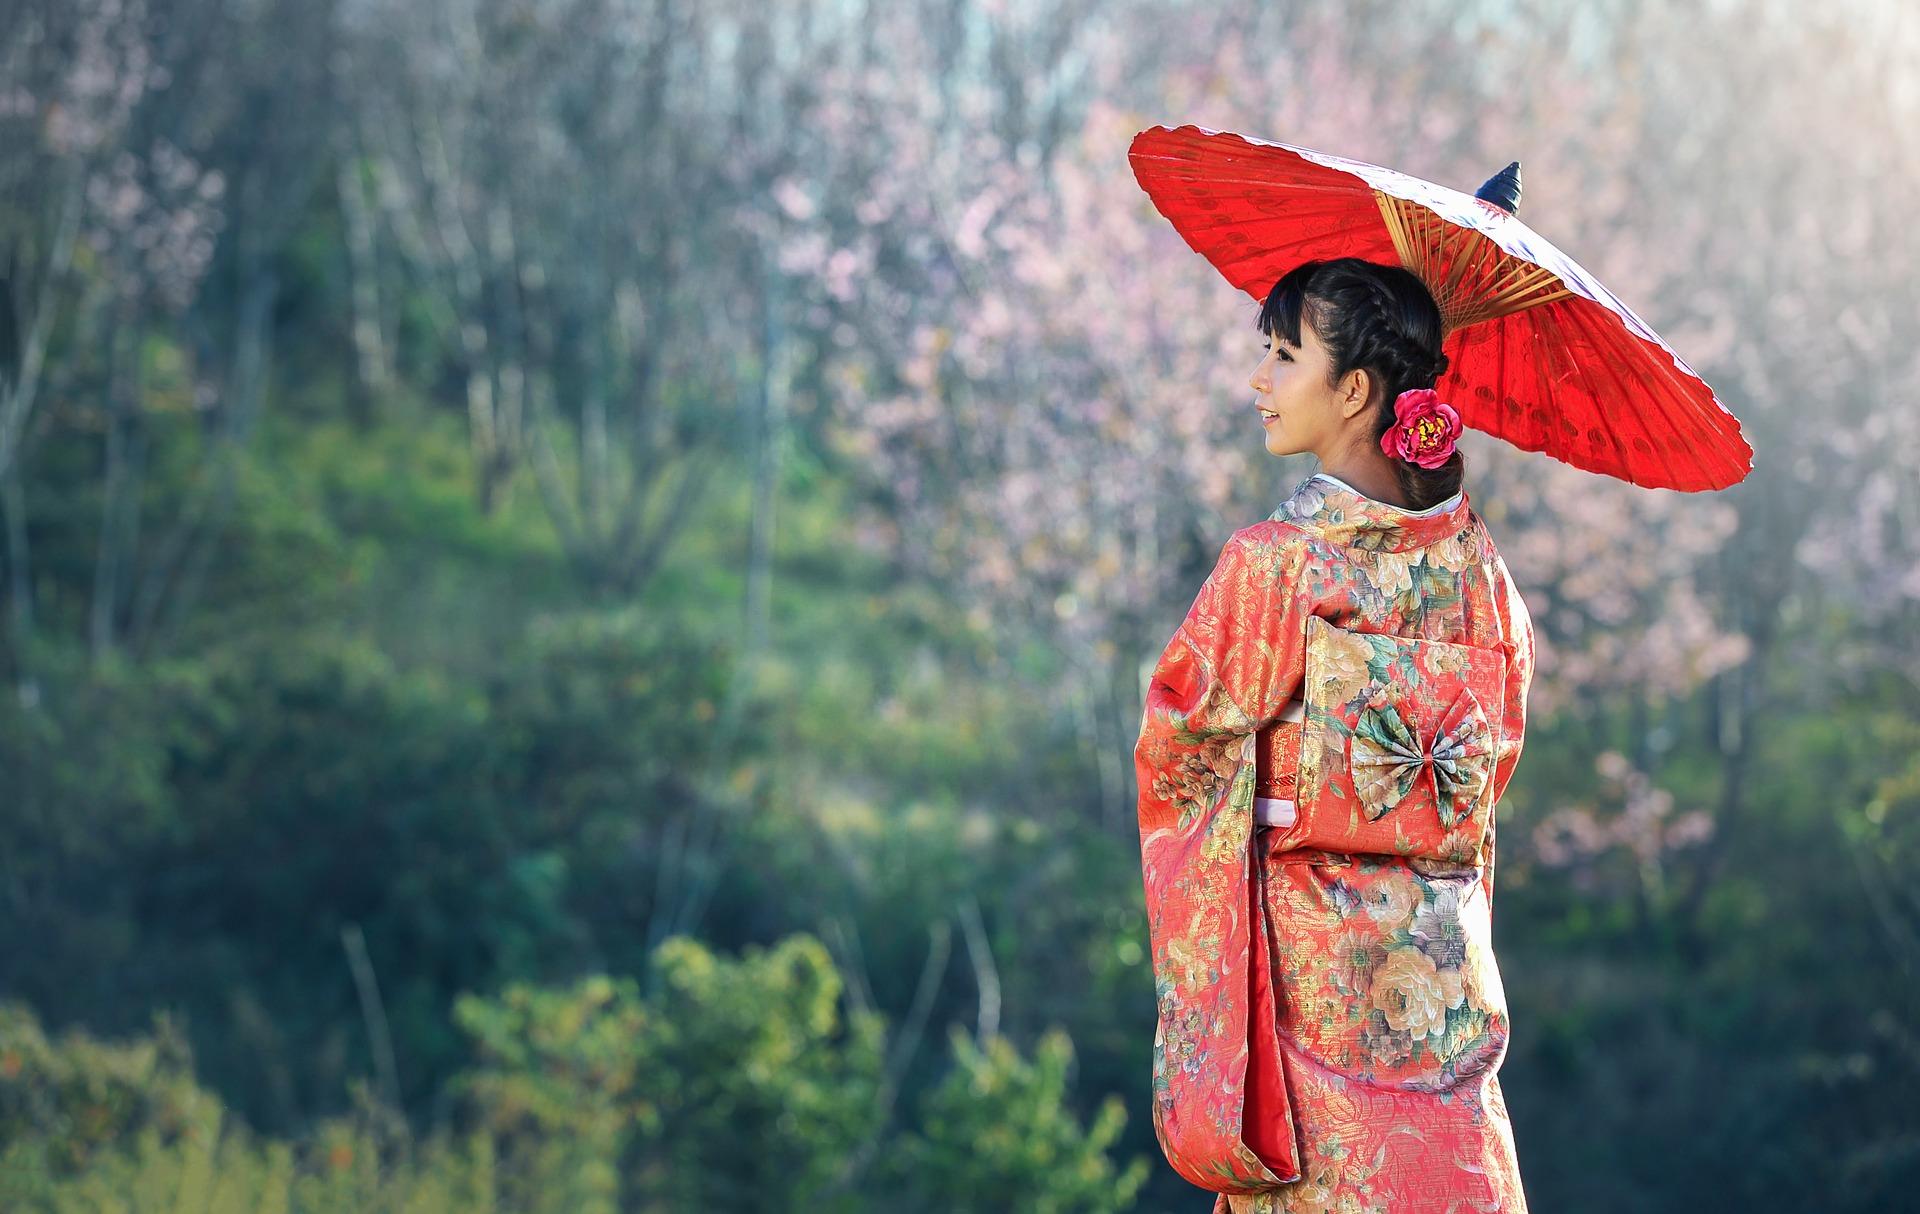 beauty-1822520_1920.jpg